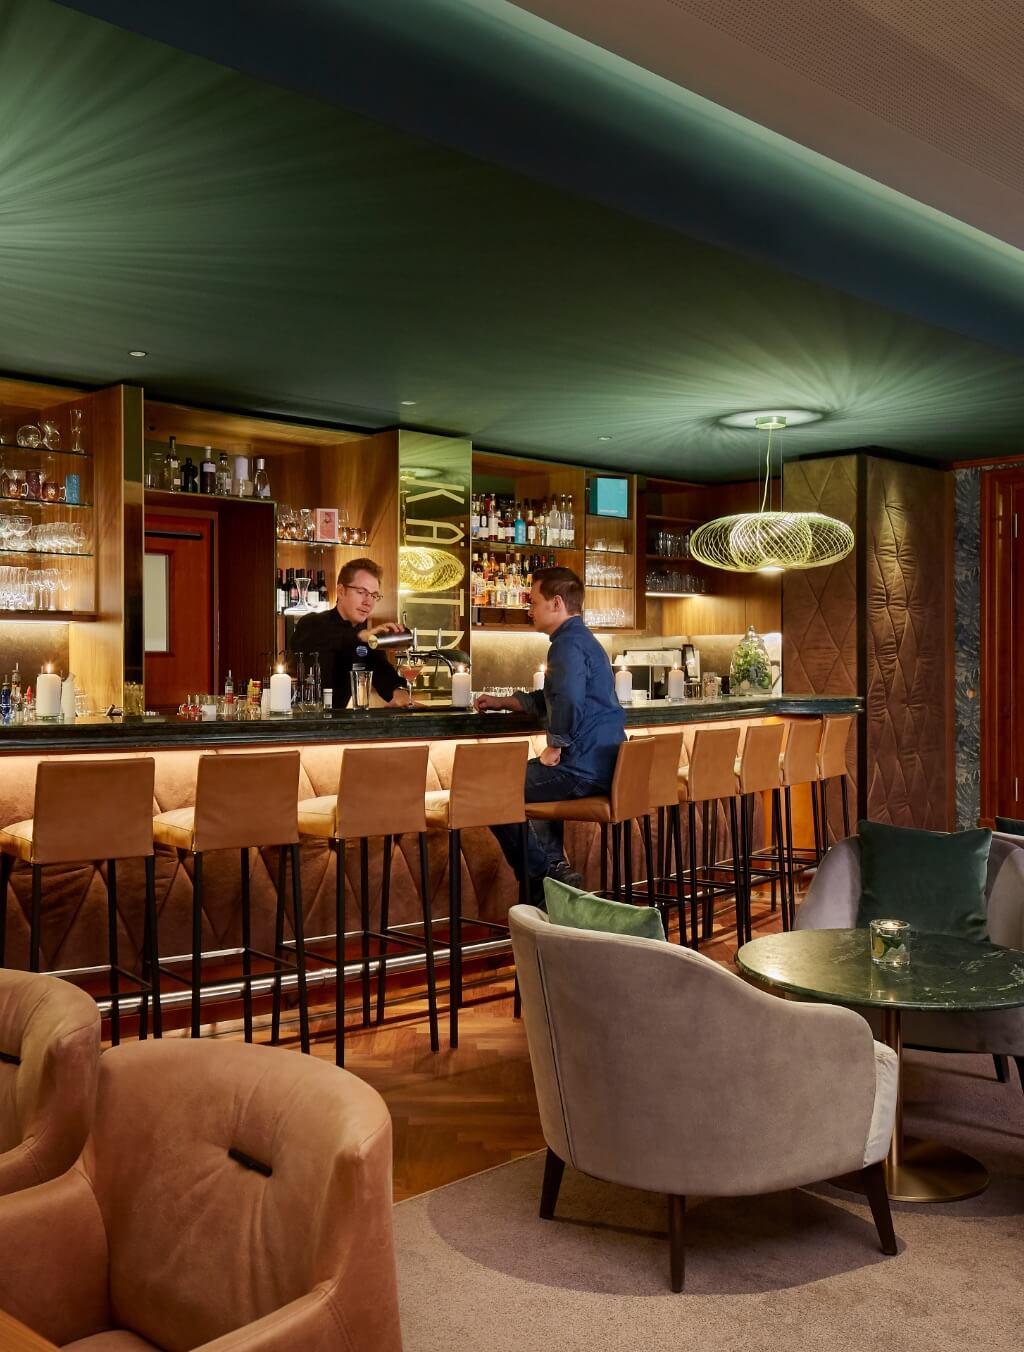 h-hotels_bar-02-hyperion-hotel-berlin_Original-kommerz.-Nutzung-_f3cfc5a1@2x